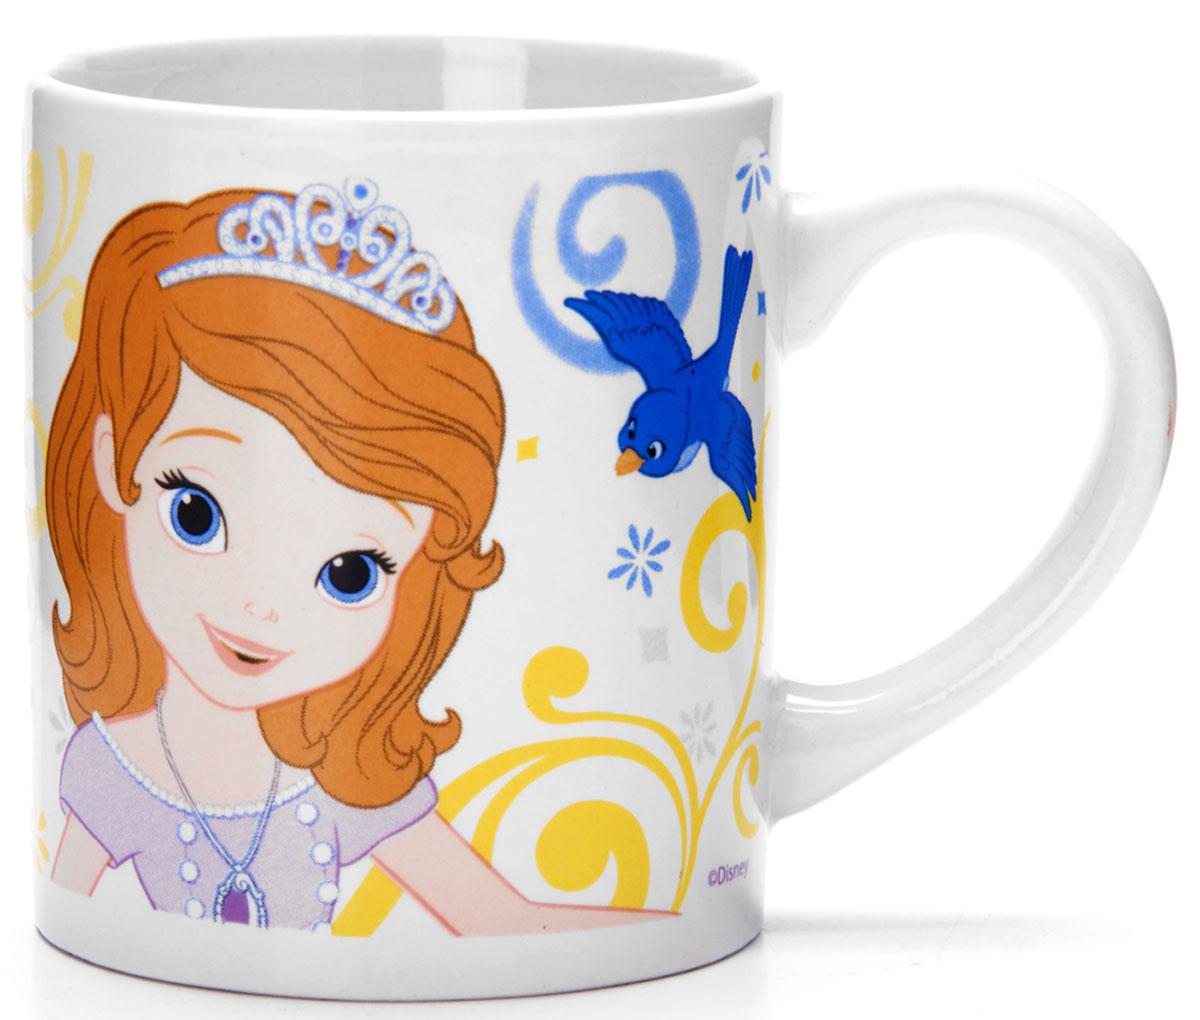 Кружка Disney София, 220 мл. 2700927009Кружка DISNEY, выполненный из высококачественной керамики и декорированы красочным рисунком. Такая кружка обязательно понравится вашему ребенку, потому что теперь у него будет своя собственная посуда с изображением героев популярных мультиков. Кружка DISNEY - идеальный подарок для вашего ребенка. Кружка упакована в красочную, подарочную упаковку. Подходит для мытья в посудомоечной машине.